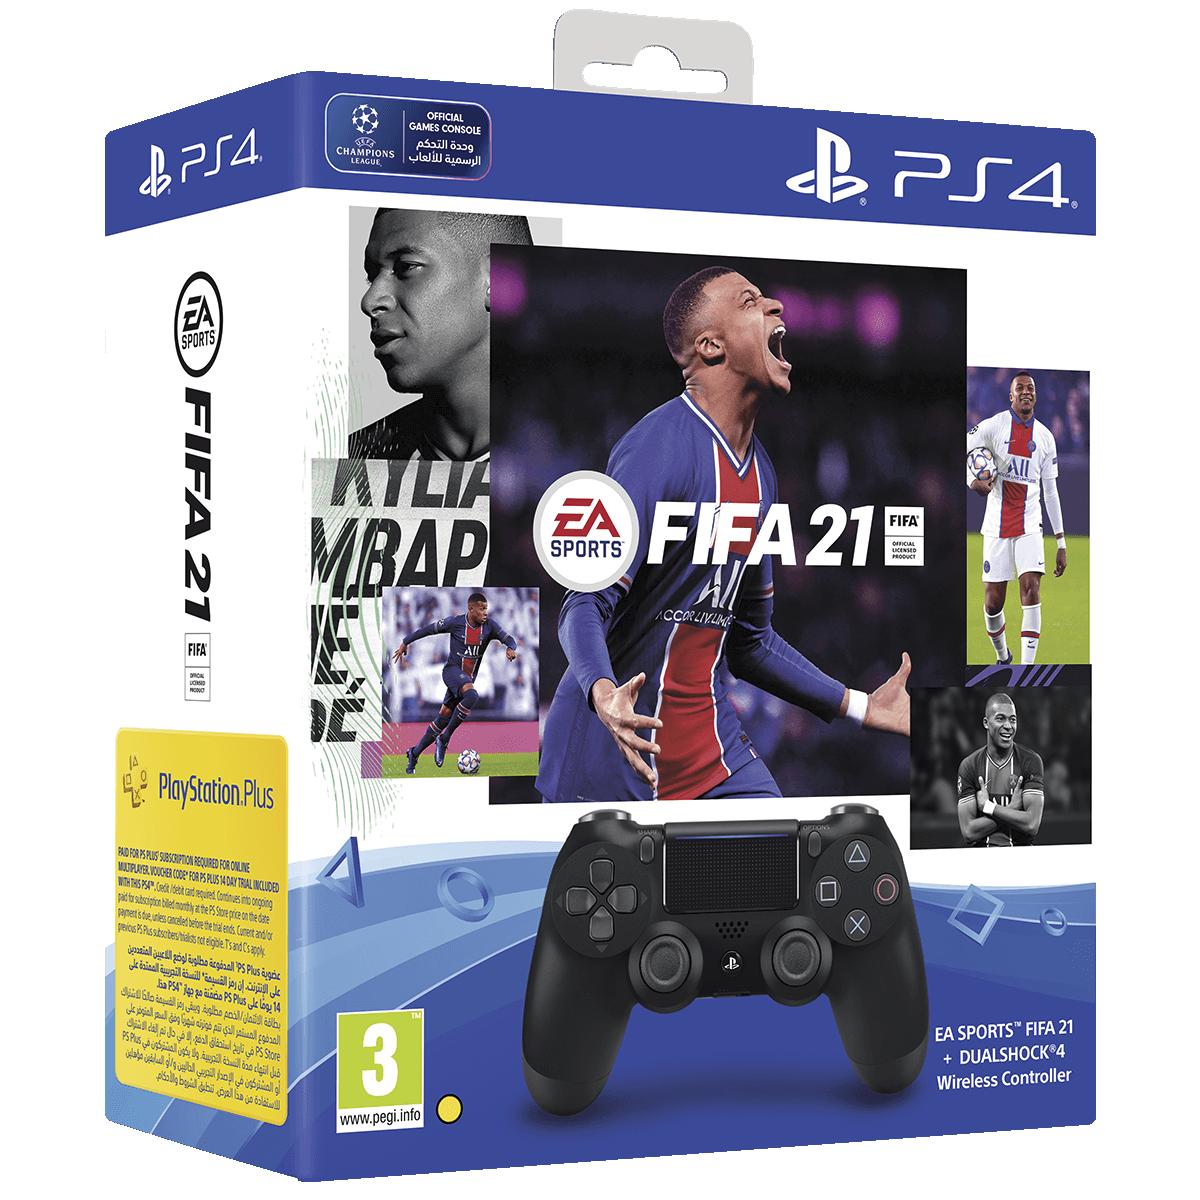 صورة باقة FIFA 21 DS4